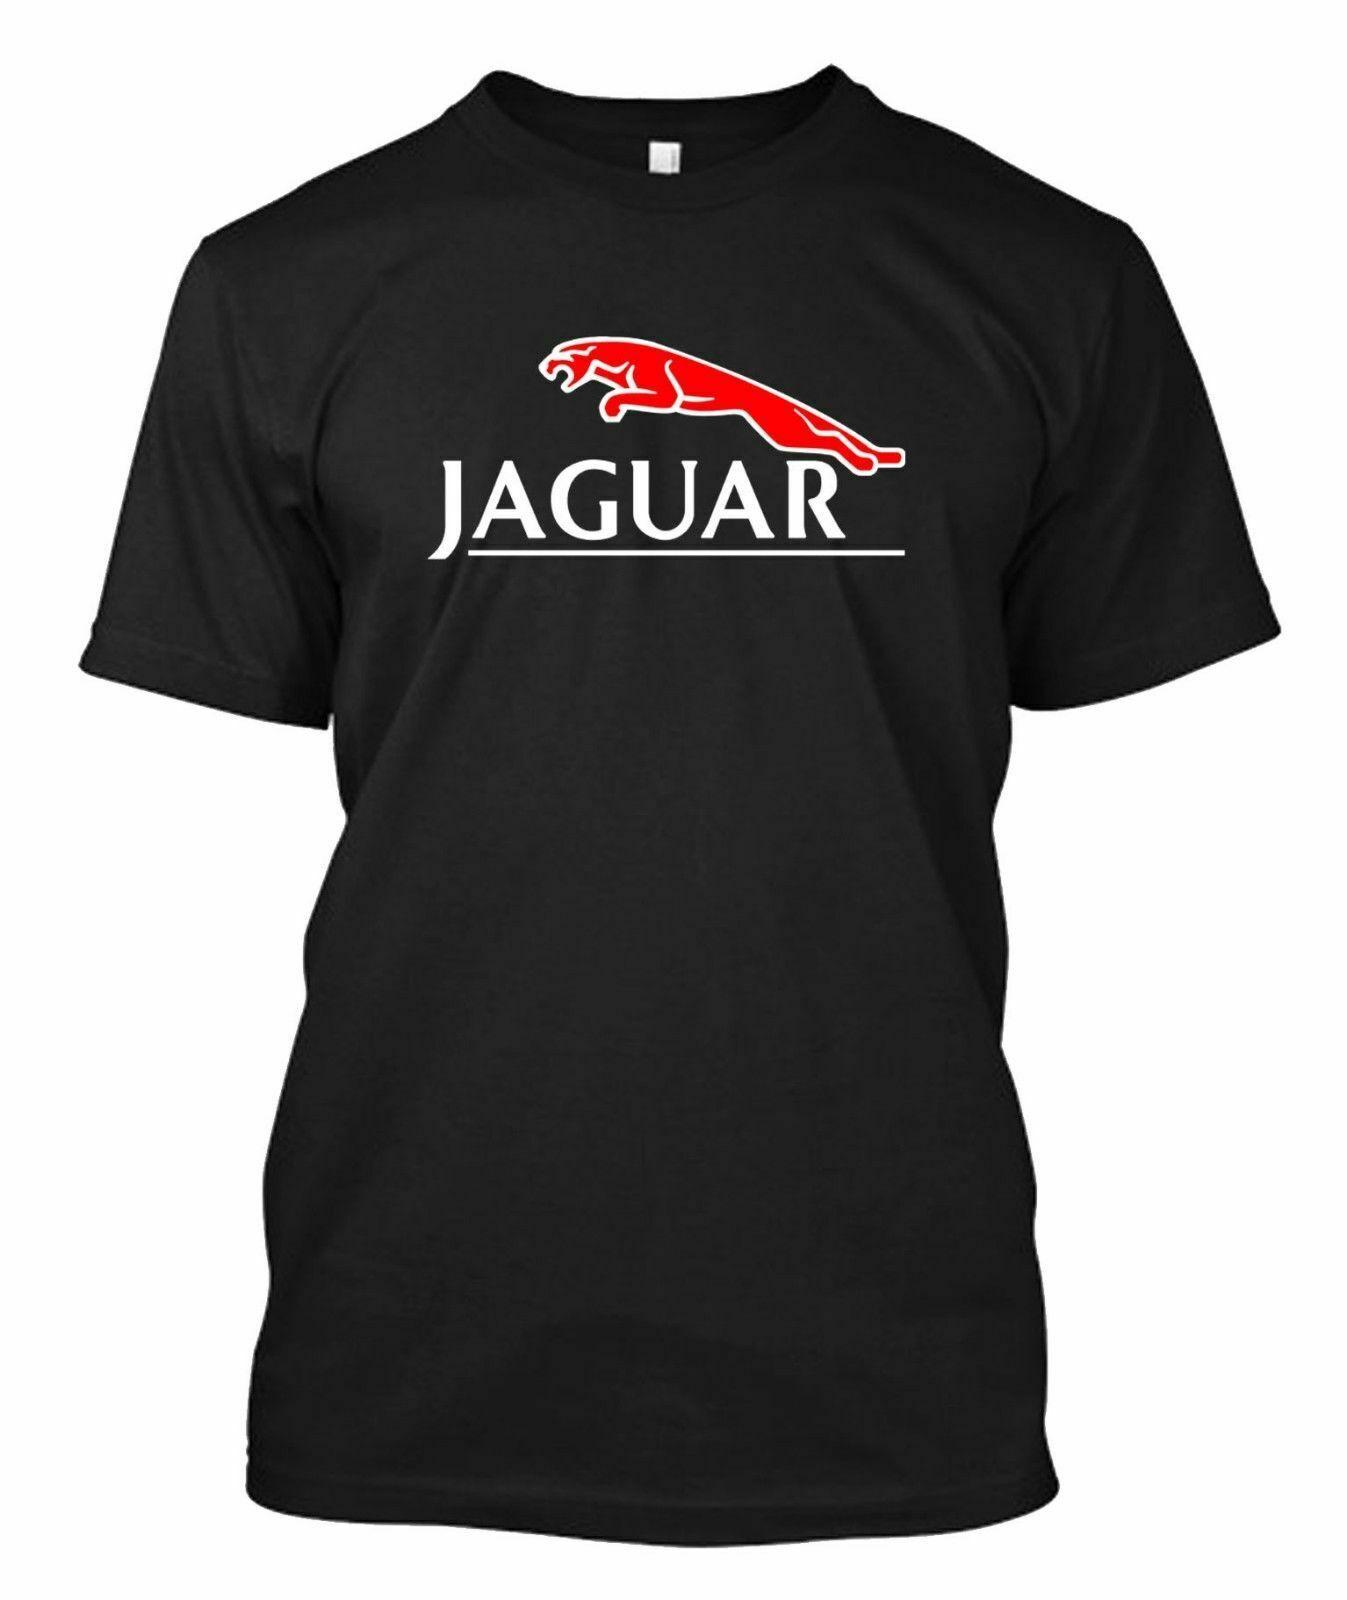 Man'S New Jaguar Racing Automotive Car Racing T-Shirt Tee Unisex Size S-3XL